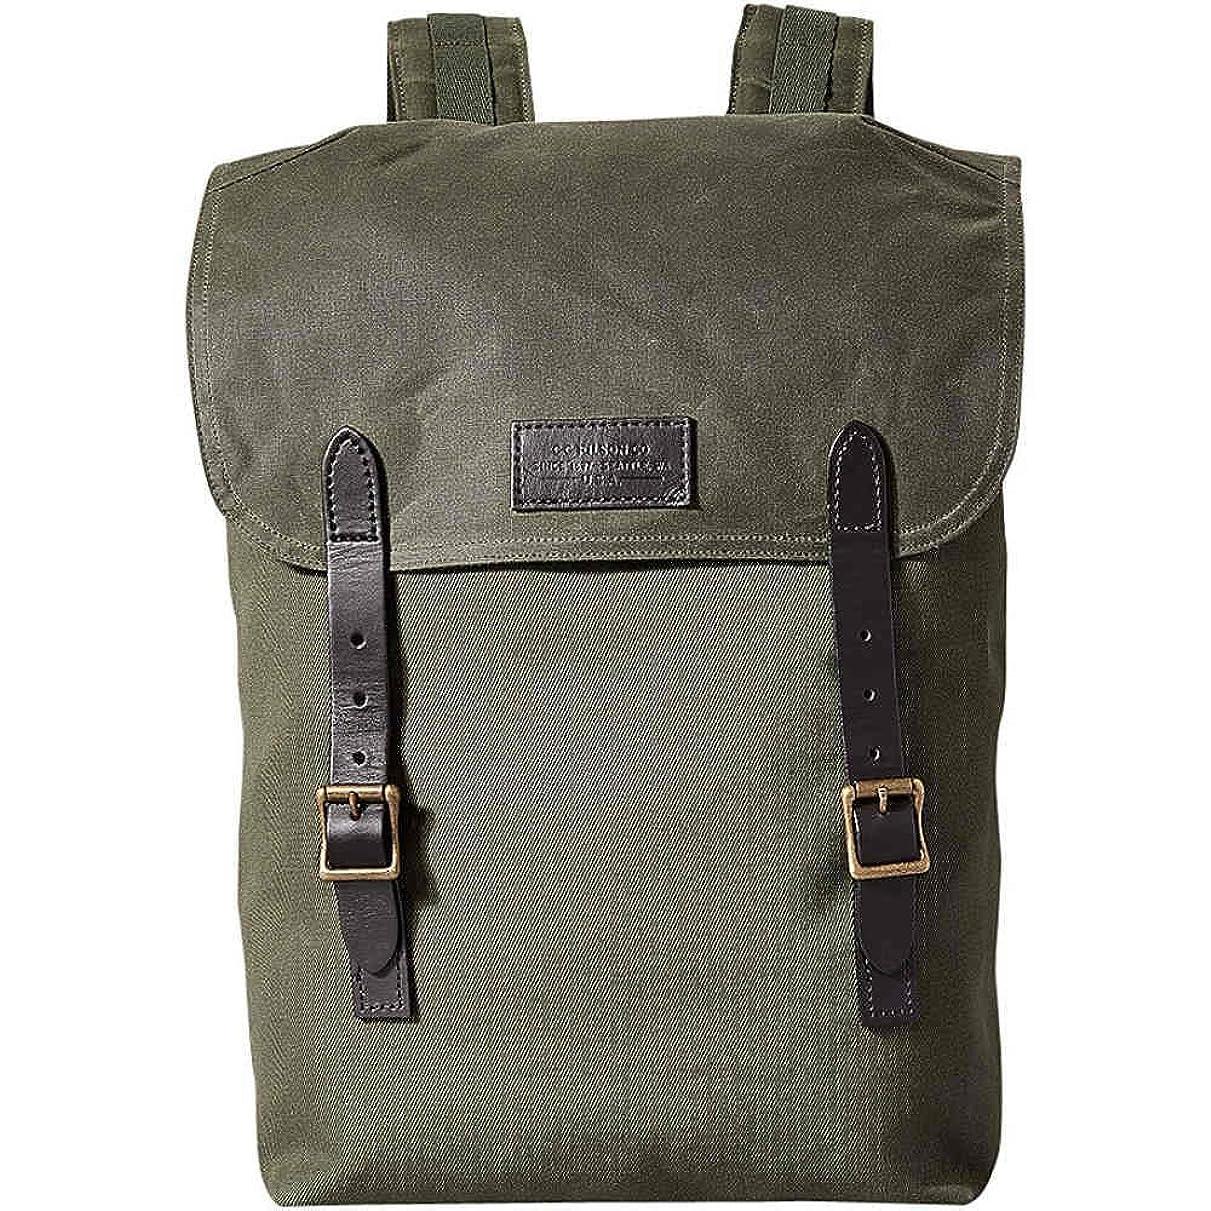 絵おじいちゃん処方する(フィルソン) Filson メンズ バッグ パソコンバッグ Ranger Backpack [並行輸入品]